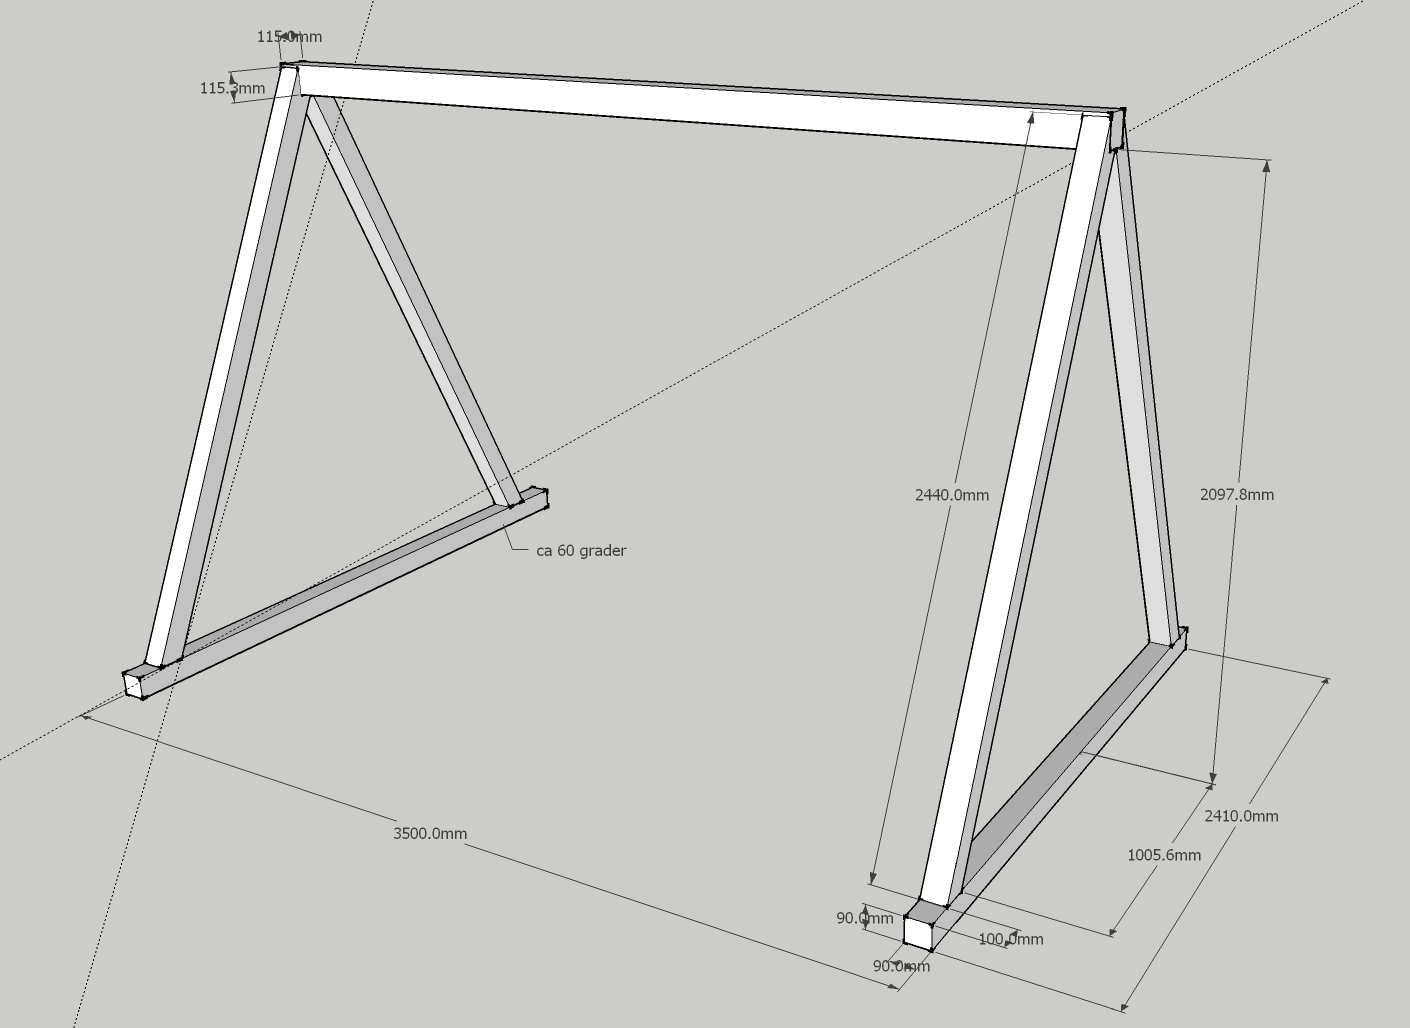 Buztic com bänk utomhus ritning ~ Design Inspiration für die neueste Wohnkultur